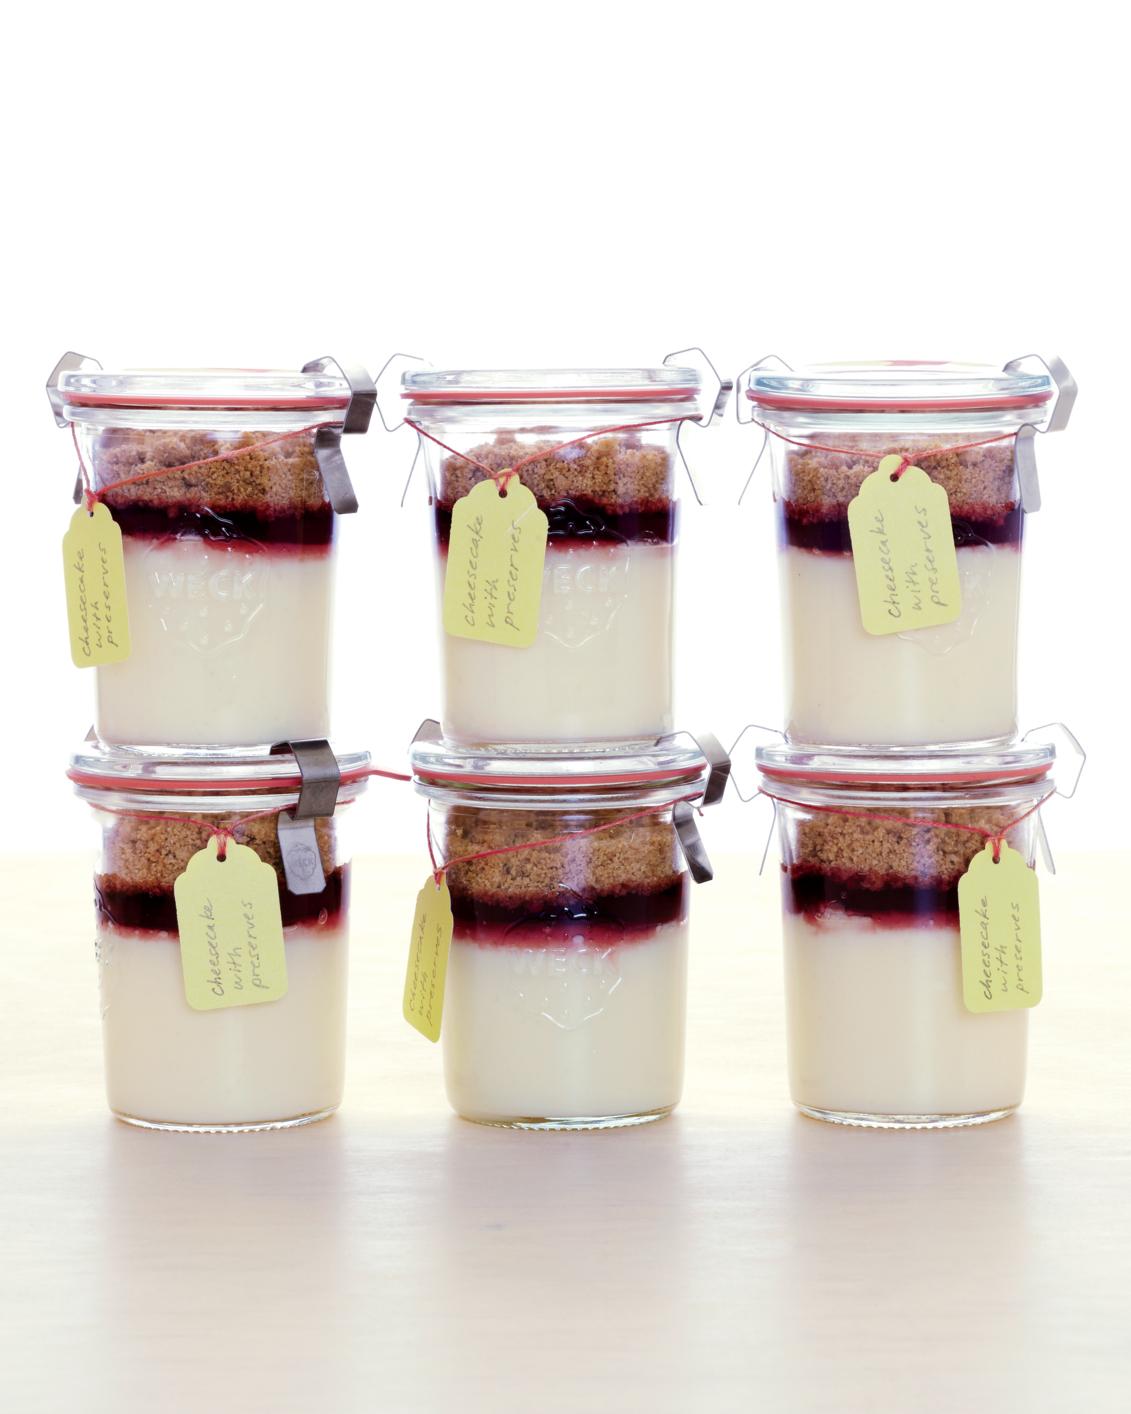 cheesecake-jars-md107966.jpg